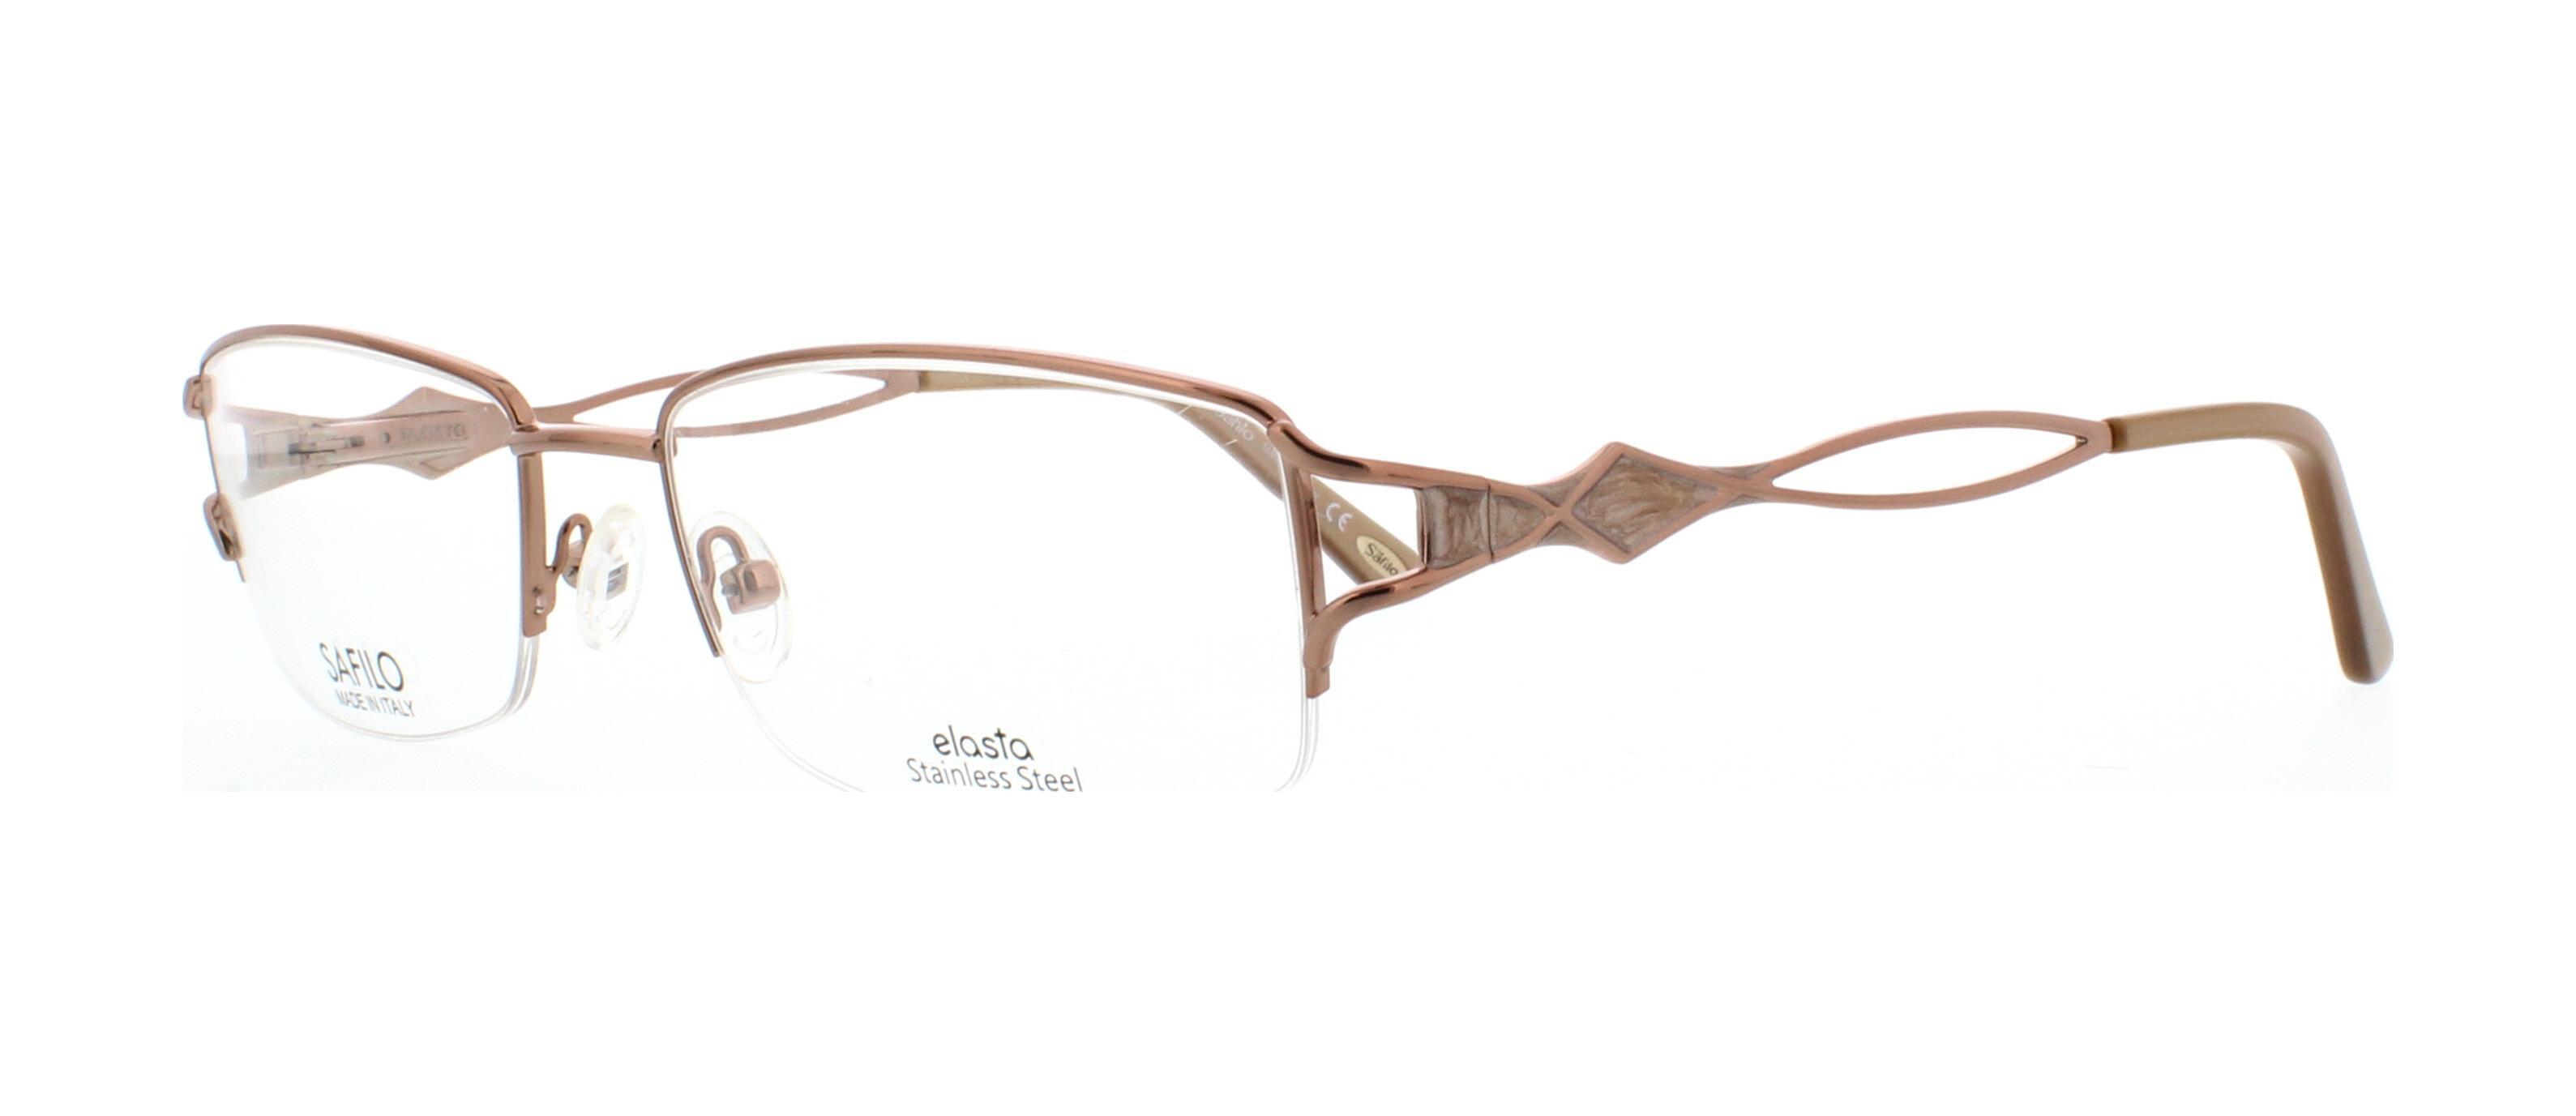 Safilo - Designer Frames Outlet